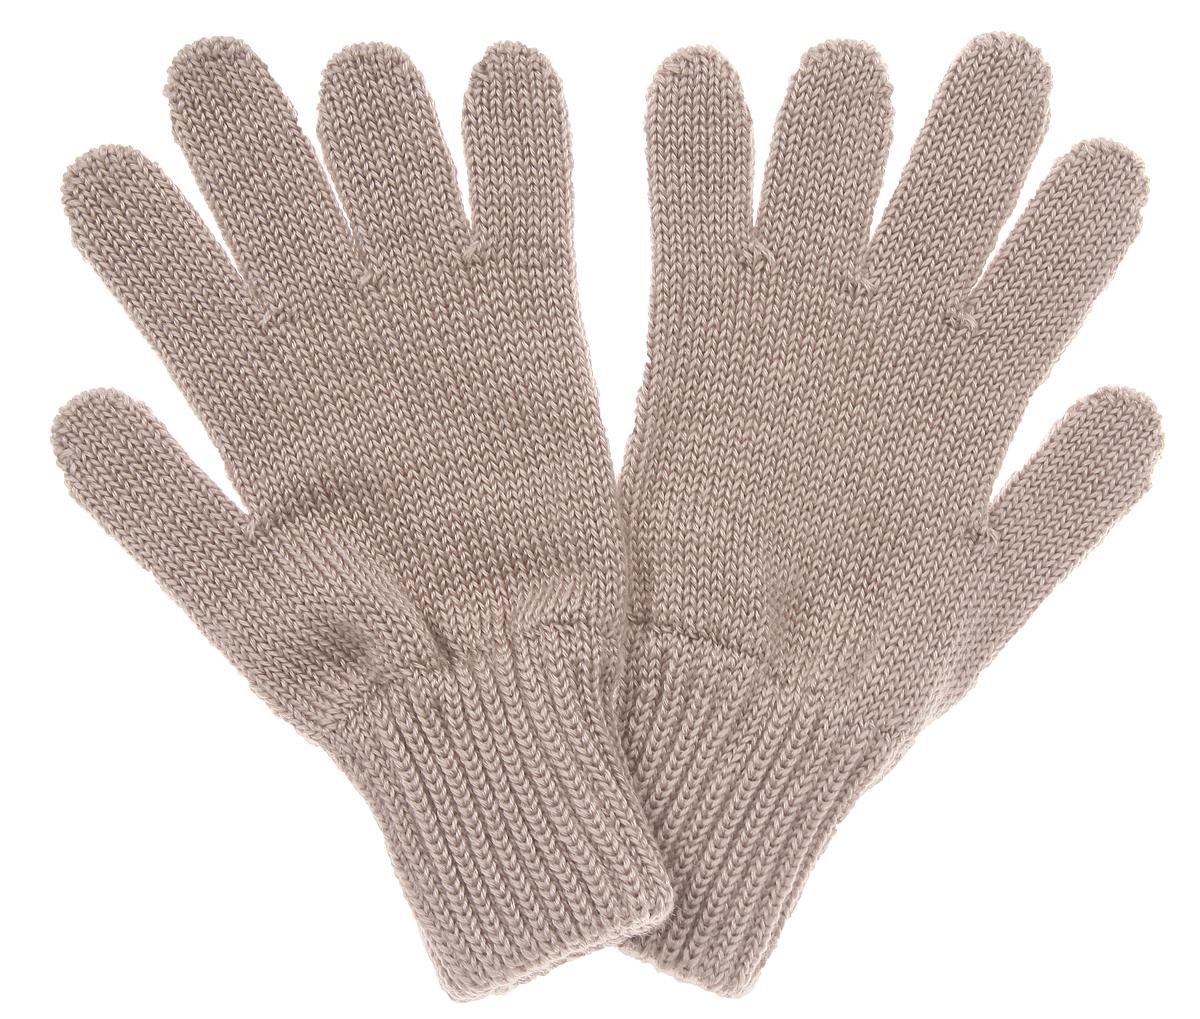 Перчатки детские. 50-12250-122Детские вязаные перчатки Ёмаё, изготовленные из шерсти и акрила, отлично подойдут для ребенка. Они максимально сохраняют тепло, мягкие, идеально сидят на руке и хорошо тянутся. Манжеты перчаток связаны плотной резинкой, благодаря чему перчатки надежно фиксируются на ручках ребенка. Перчатки станут идеальным вариантом для прохладной погоды, в них ребенку будет тепло и комфортно.